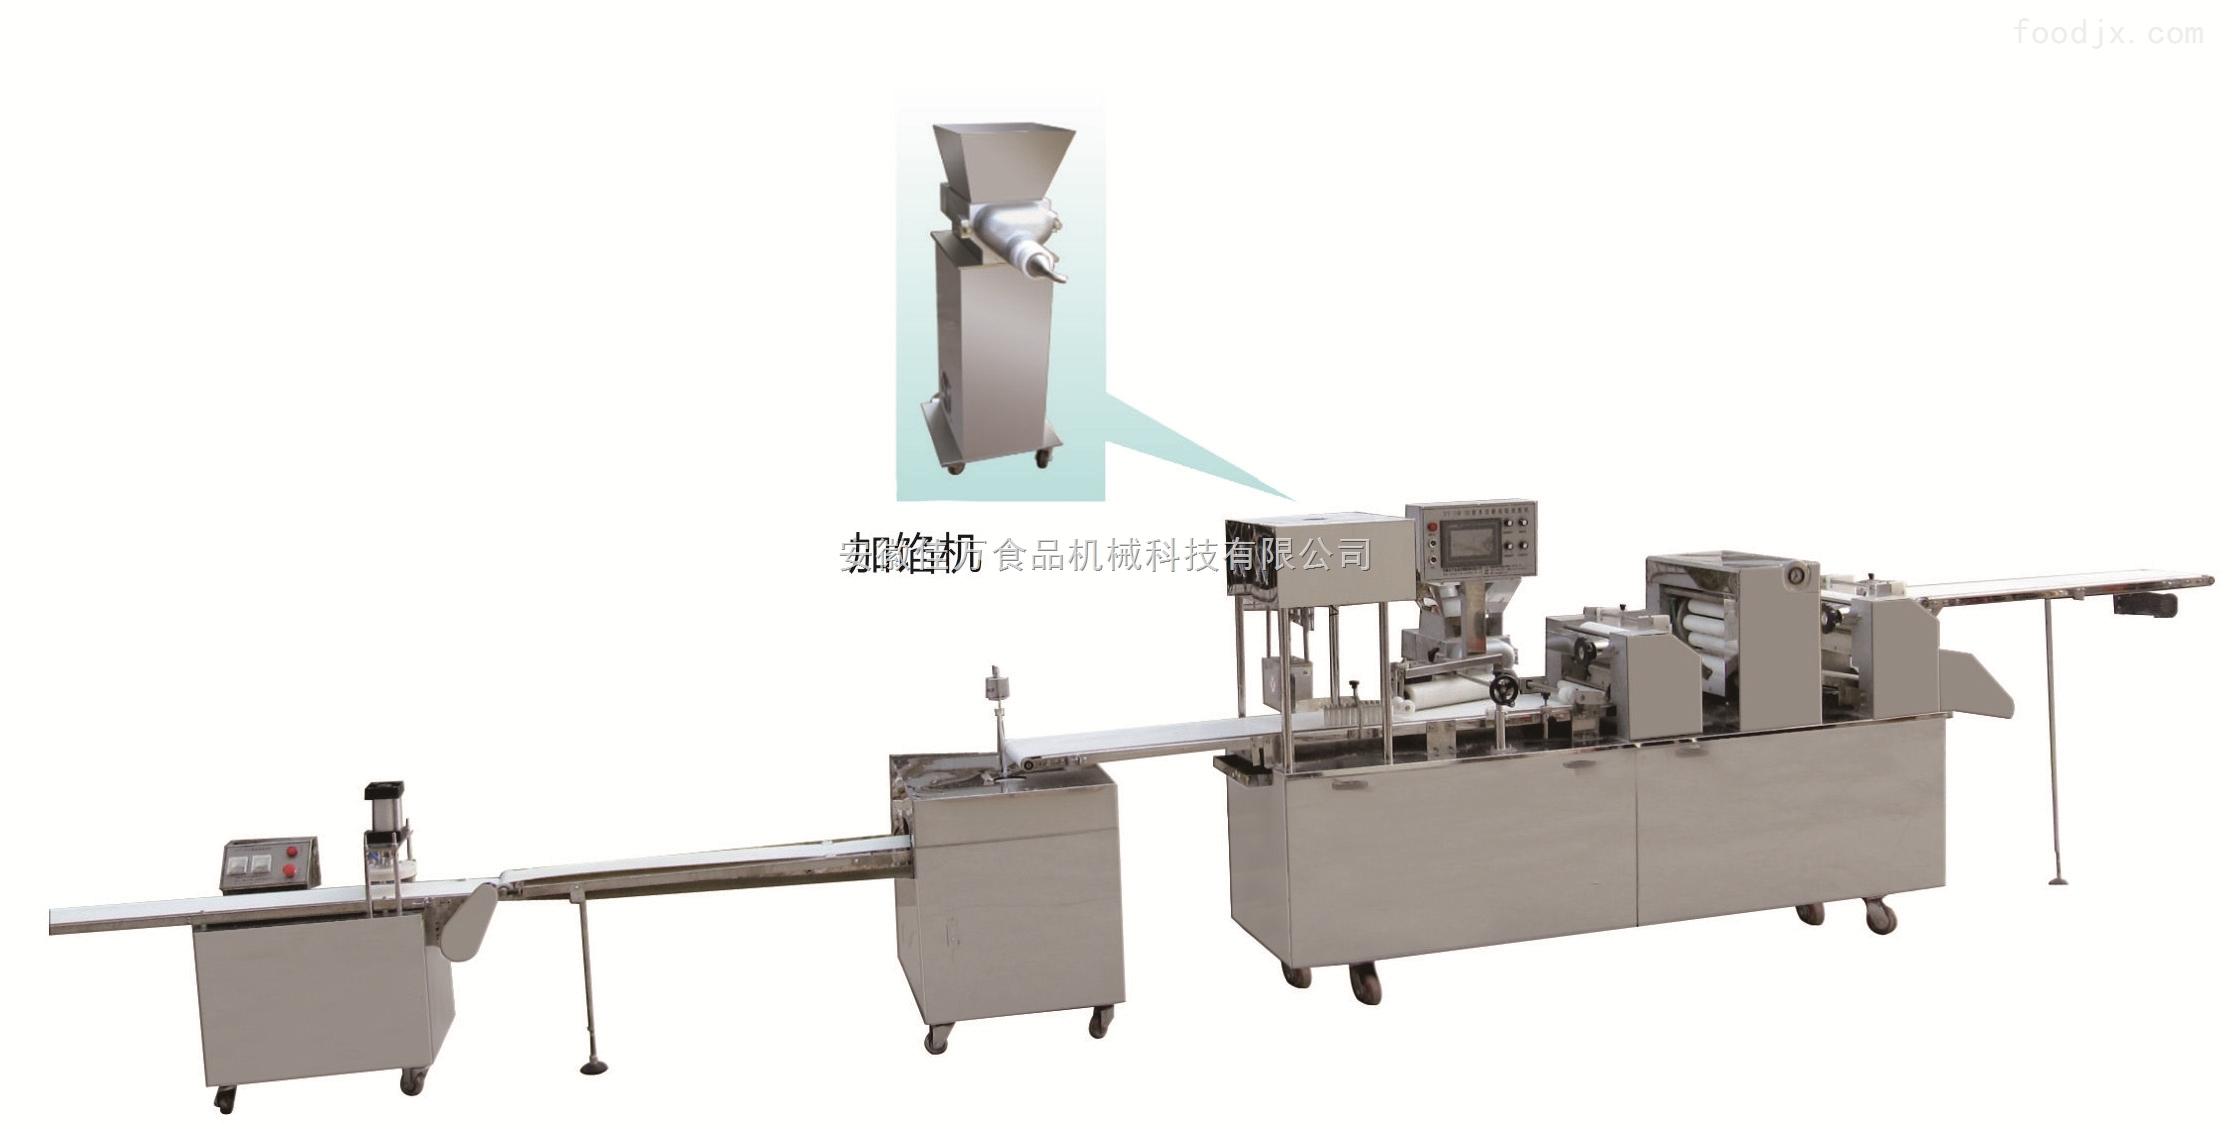 JWSM-III-全自动酥饼生产线